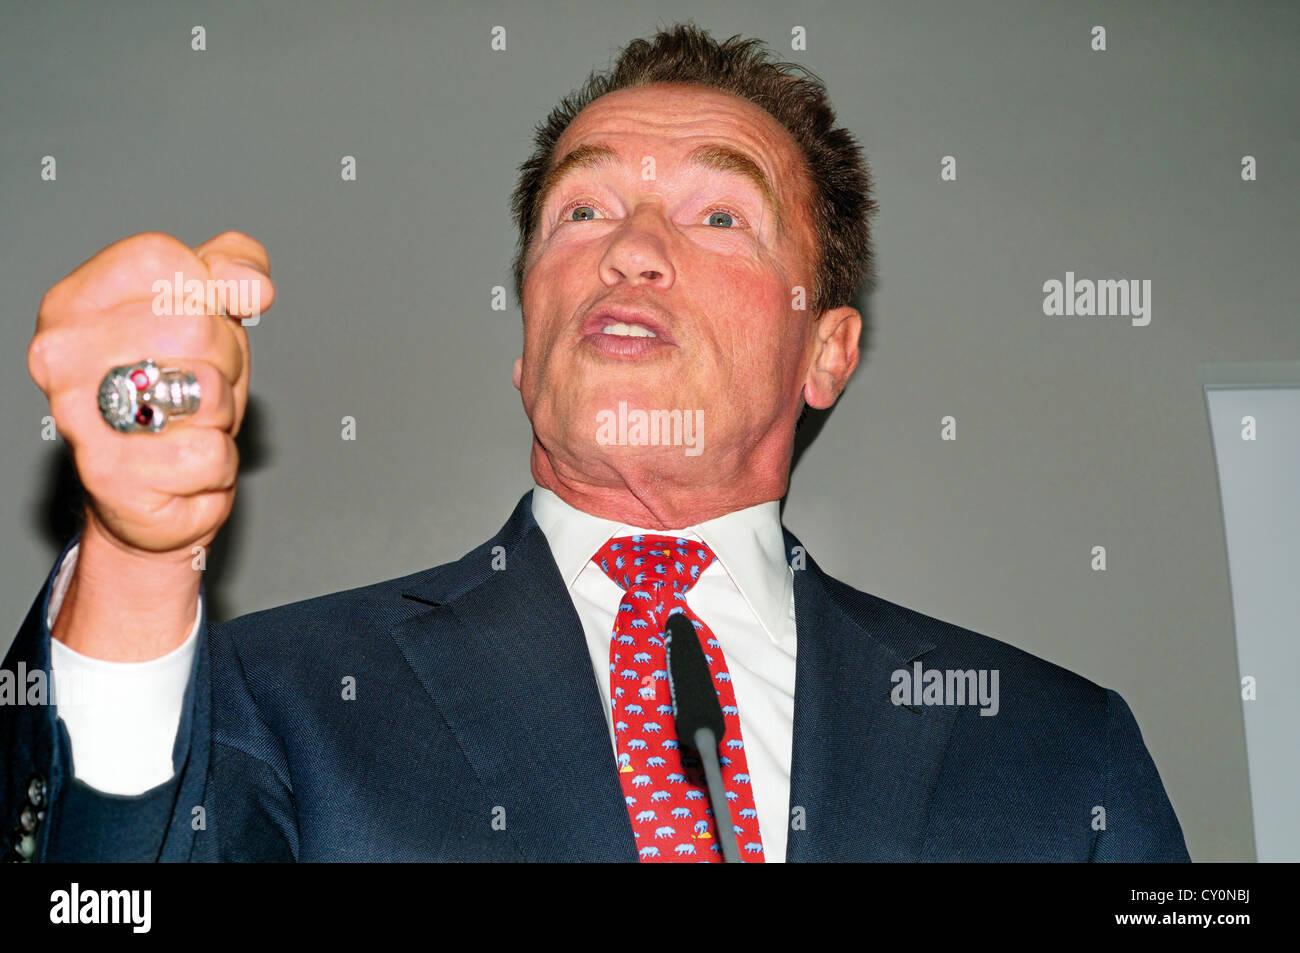 Allemagne: Arnold Schwarzenegger au cours de la présentation de son autobiographie 'Total Recall' Photo Stock